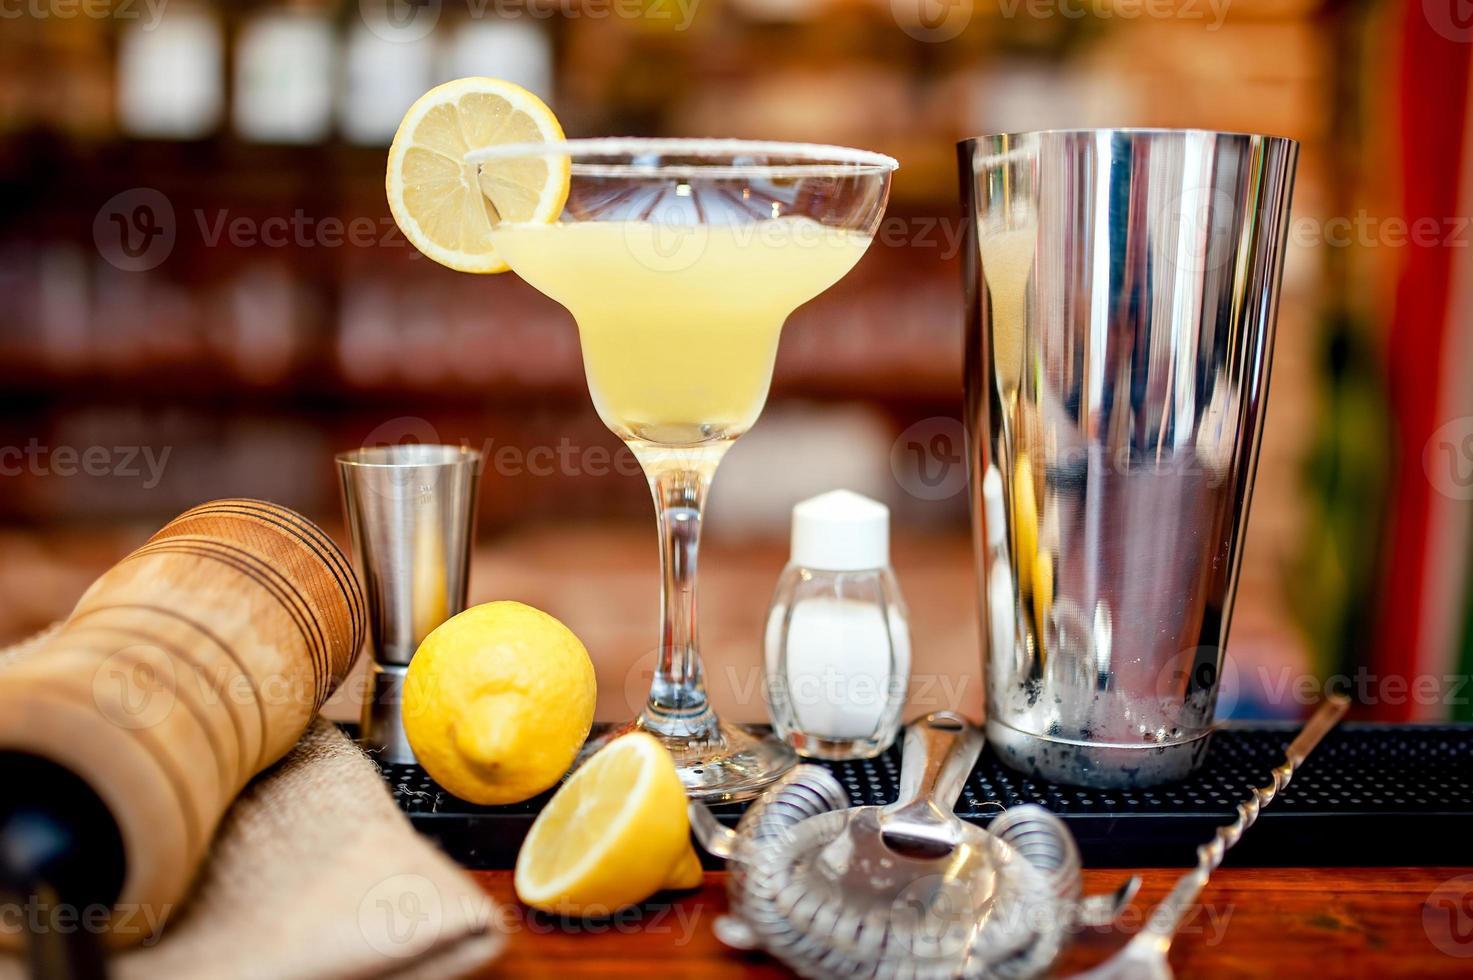 margarita de limão fresco servida no bar e cassino foto